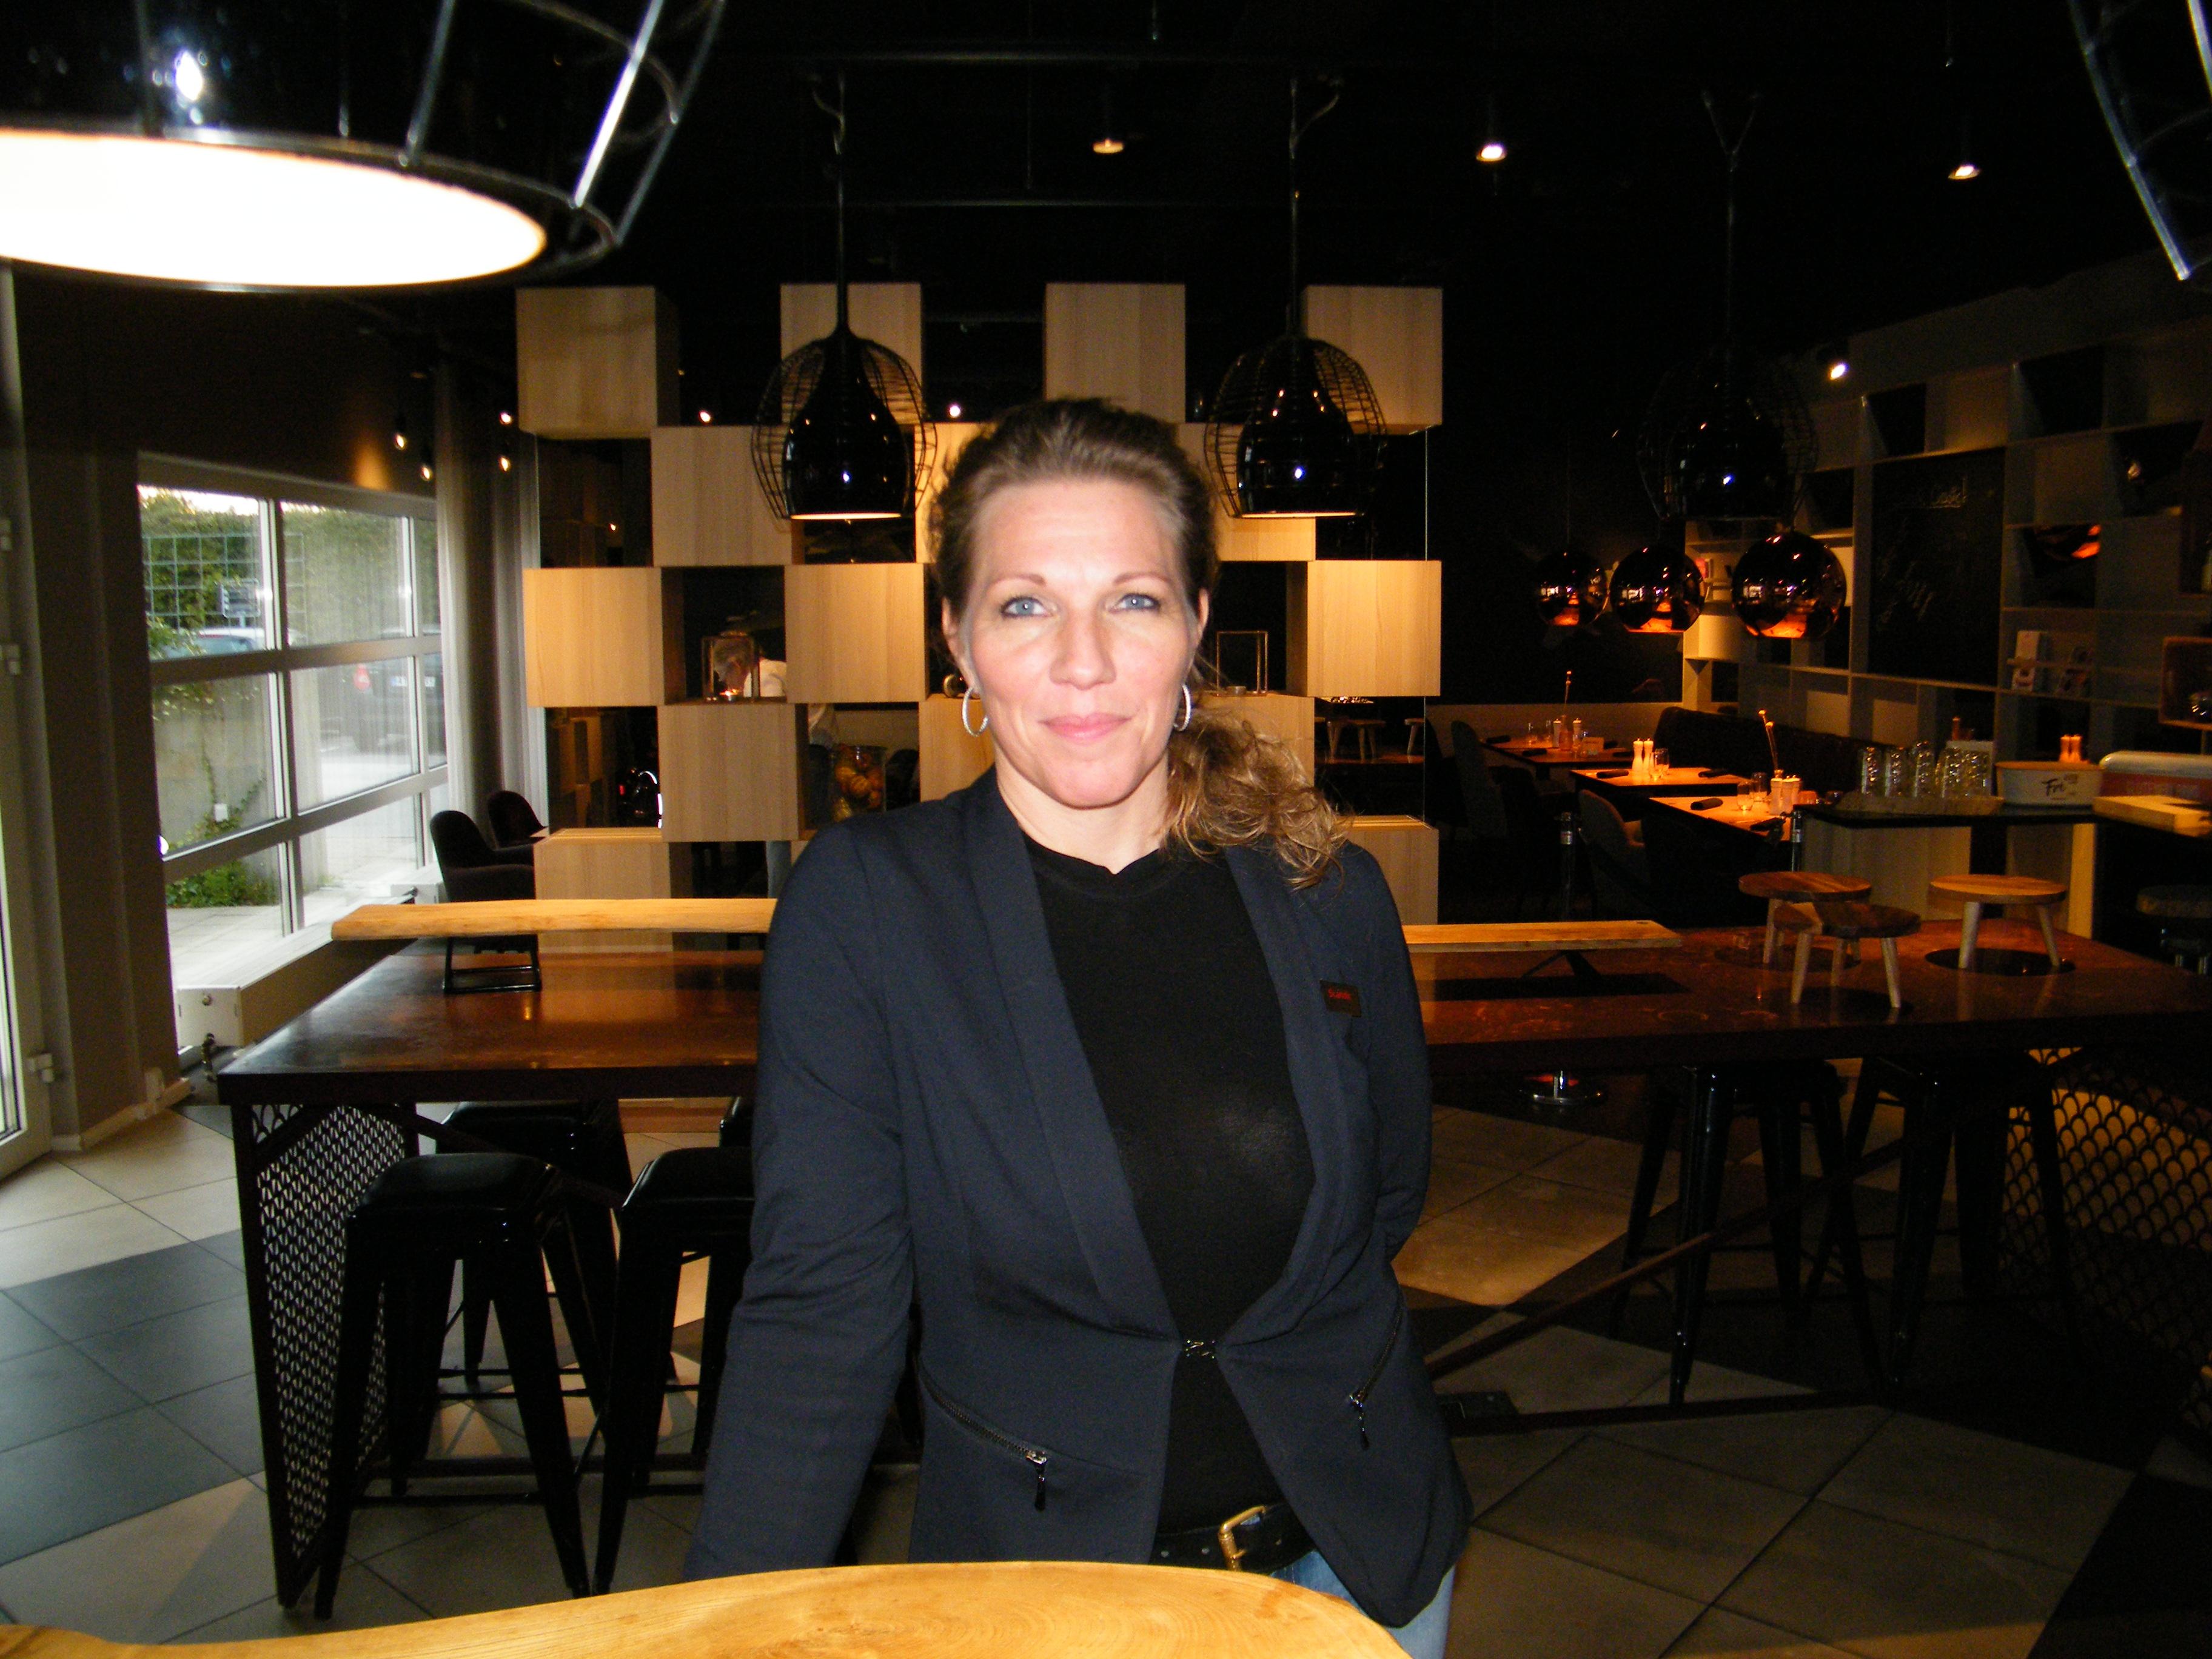 Anne Nielsen har udskiftet chefjobbet hos SAS i Københavns Lufthavn med titlen som general manager på Scandic-hotellet i Hvidovre. Foto: Henrik Baumgarten.